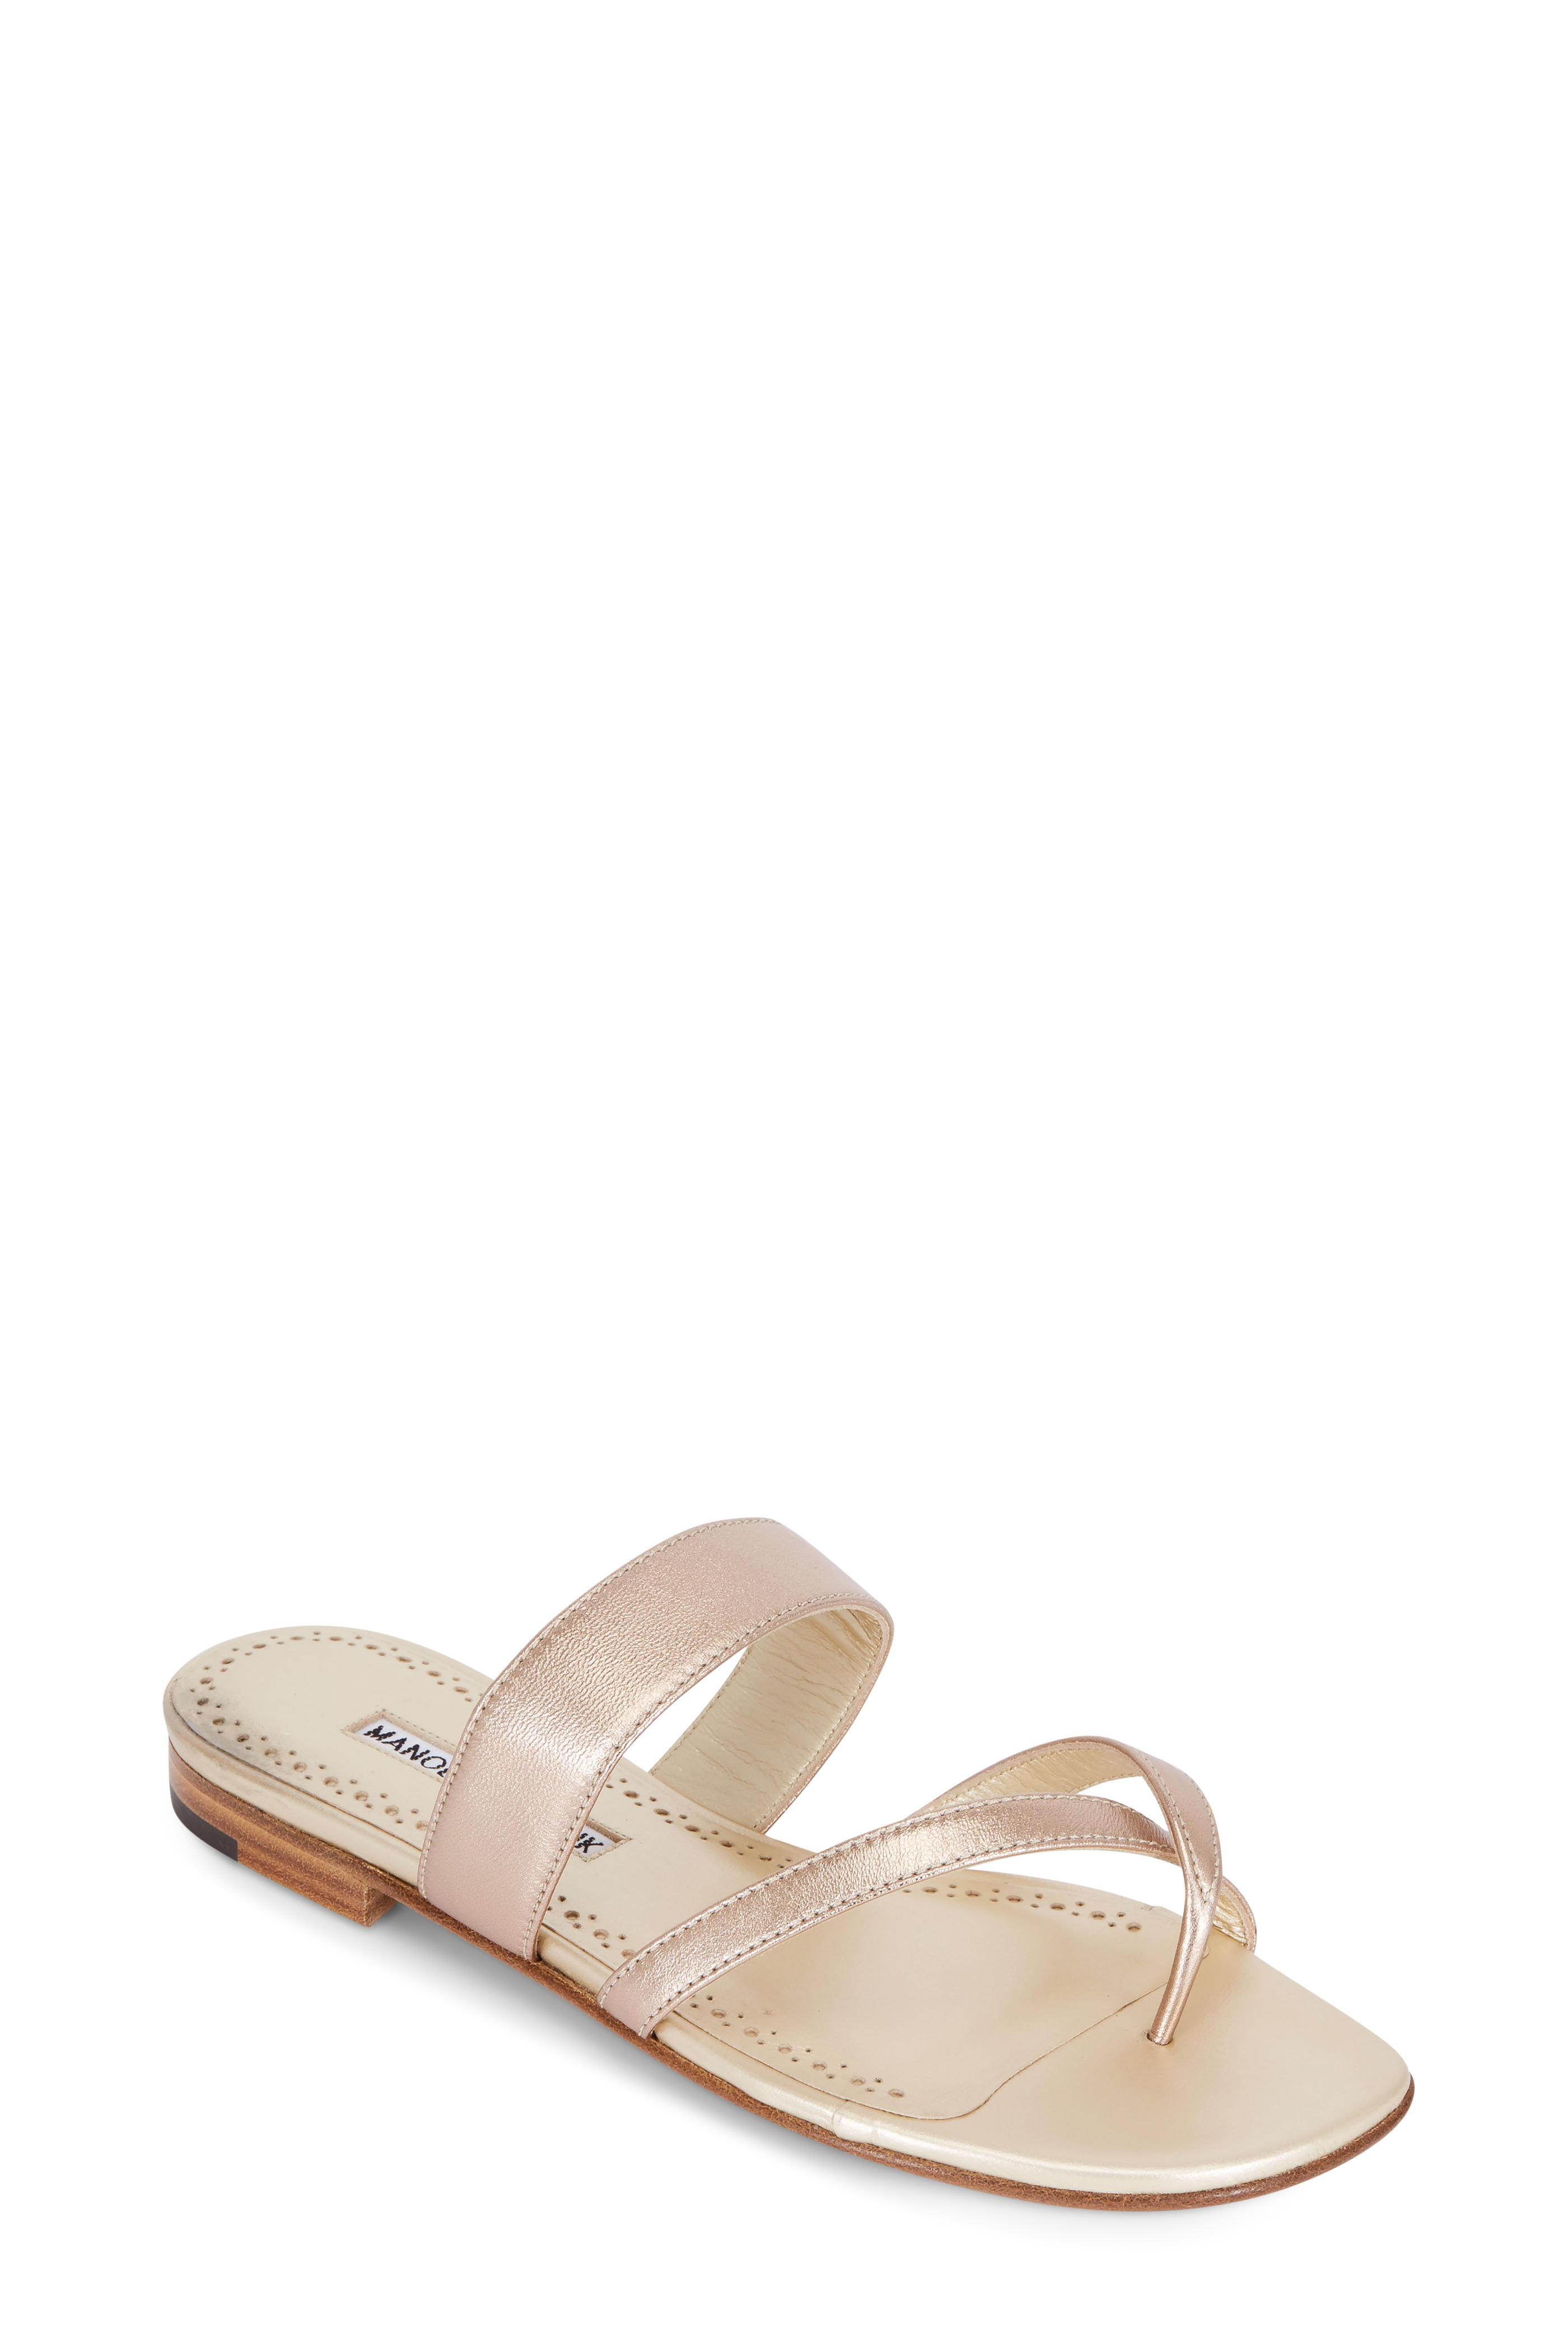 46c65e454183 Manolo Blahnik - Susa Rose Gold Toe-Strap Flat Sandal